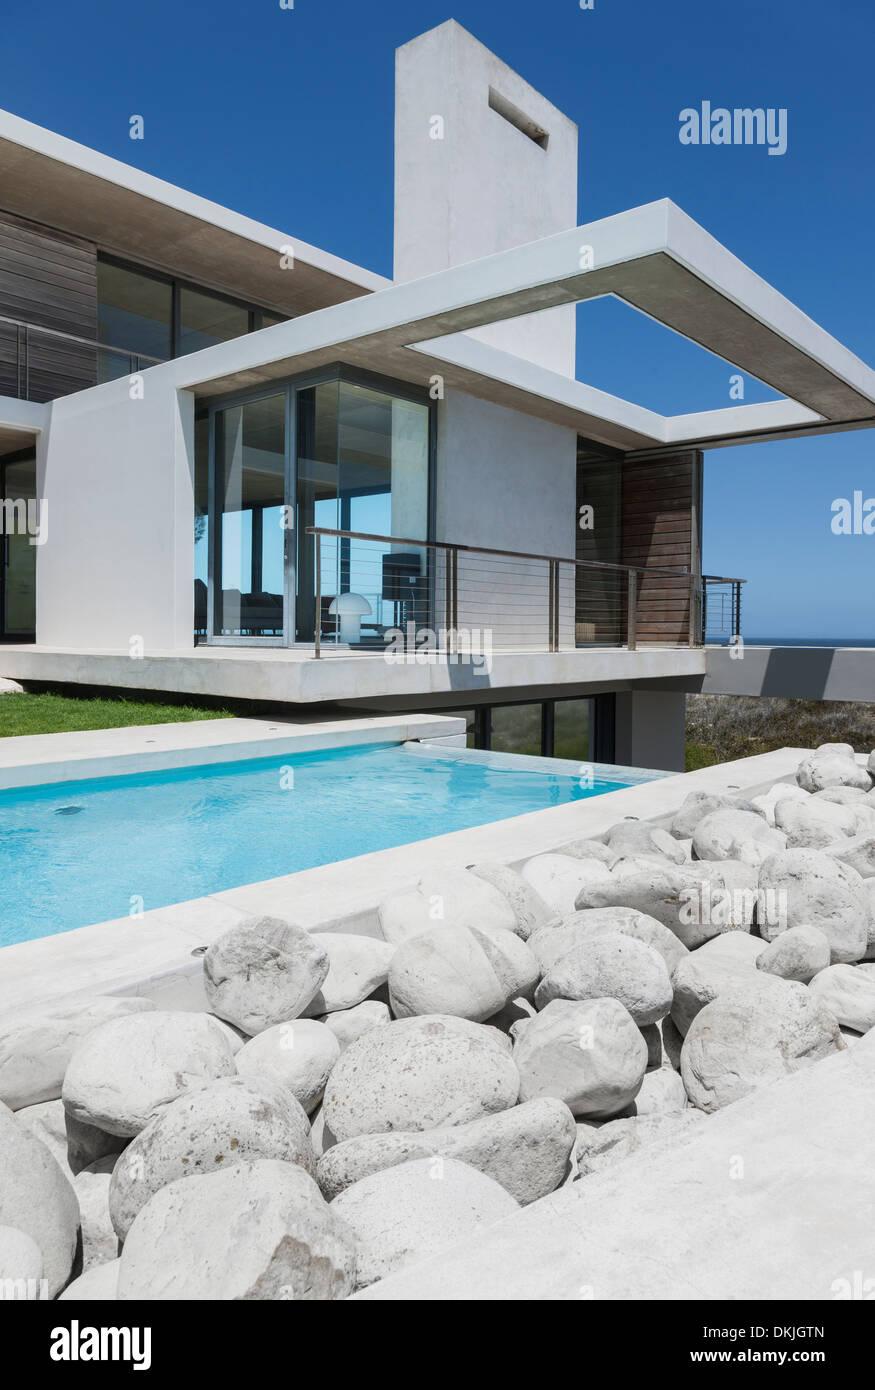 Felsen und Sportbecken außen modernes Haus Stockfoto, Bild: 63717941 ...